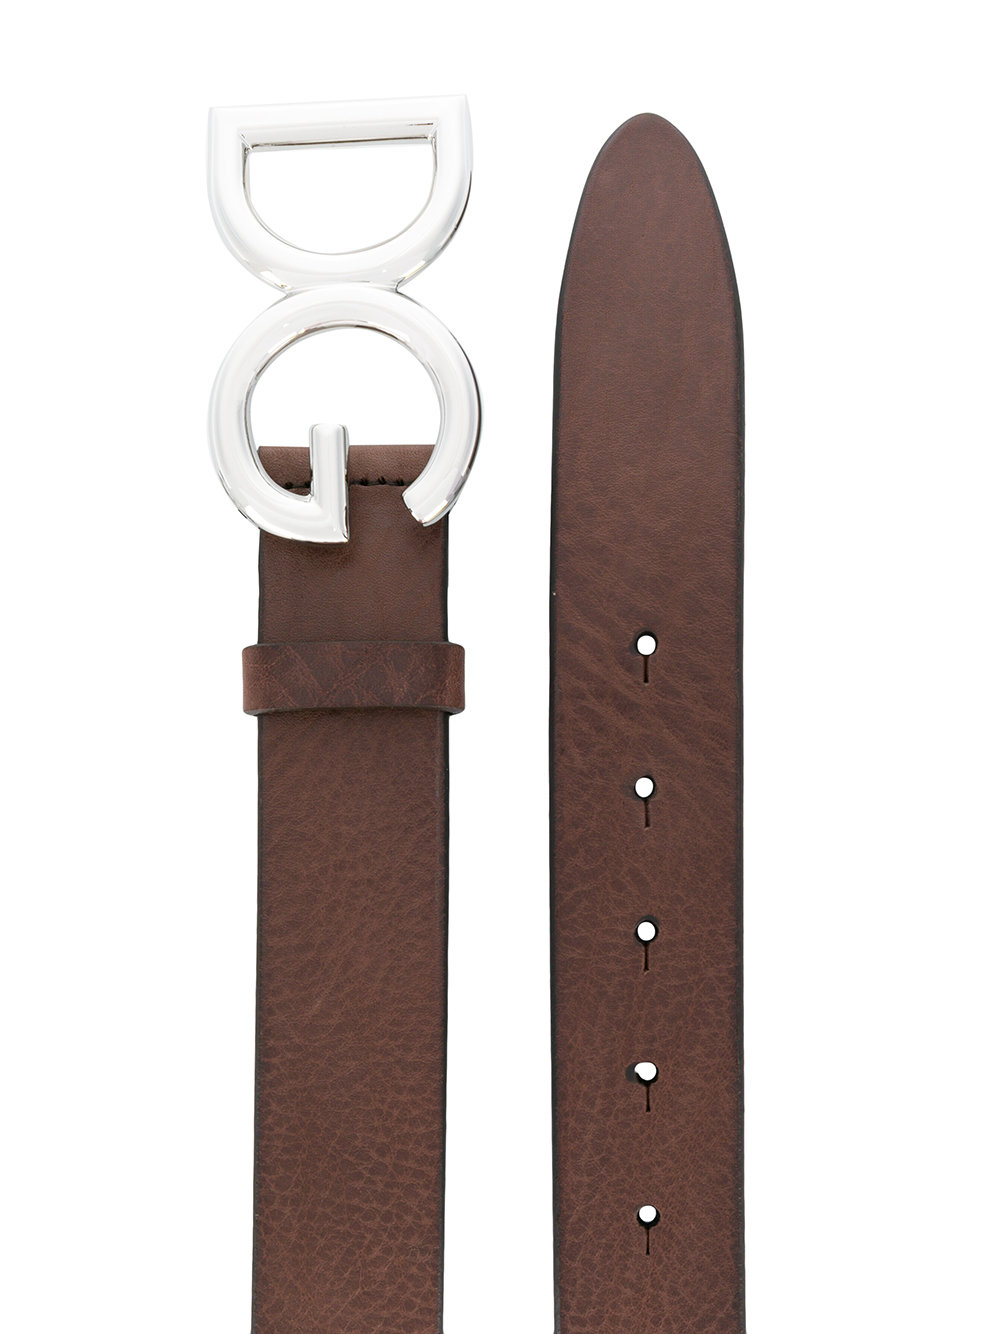 Cintura in pelle di vitello marrone con fibbia argentata logata DG DOLCE & GABBANA   Cinture   BC4247-AI8948S087